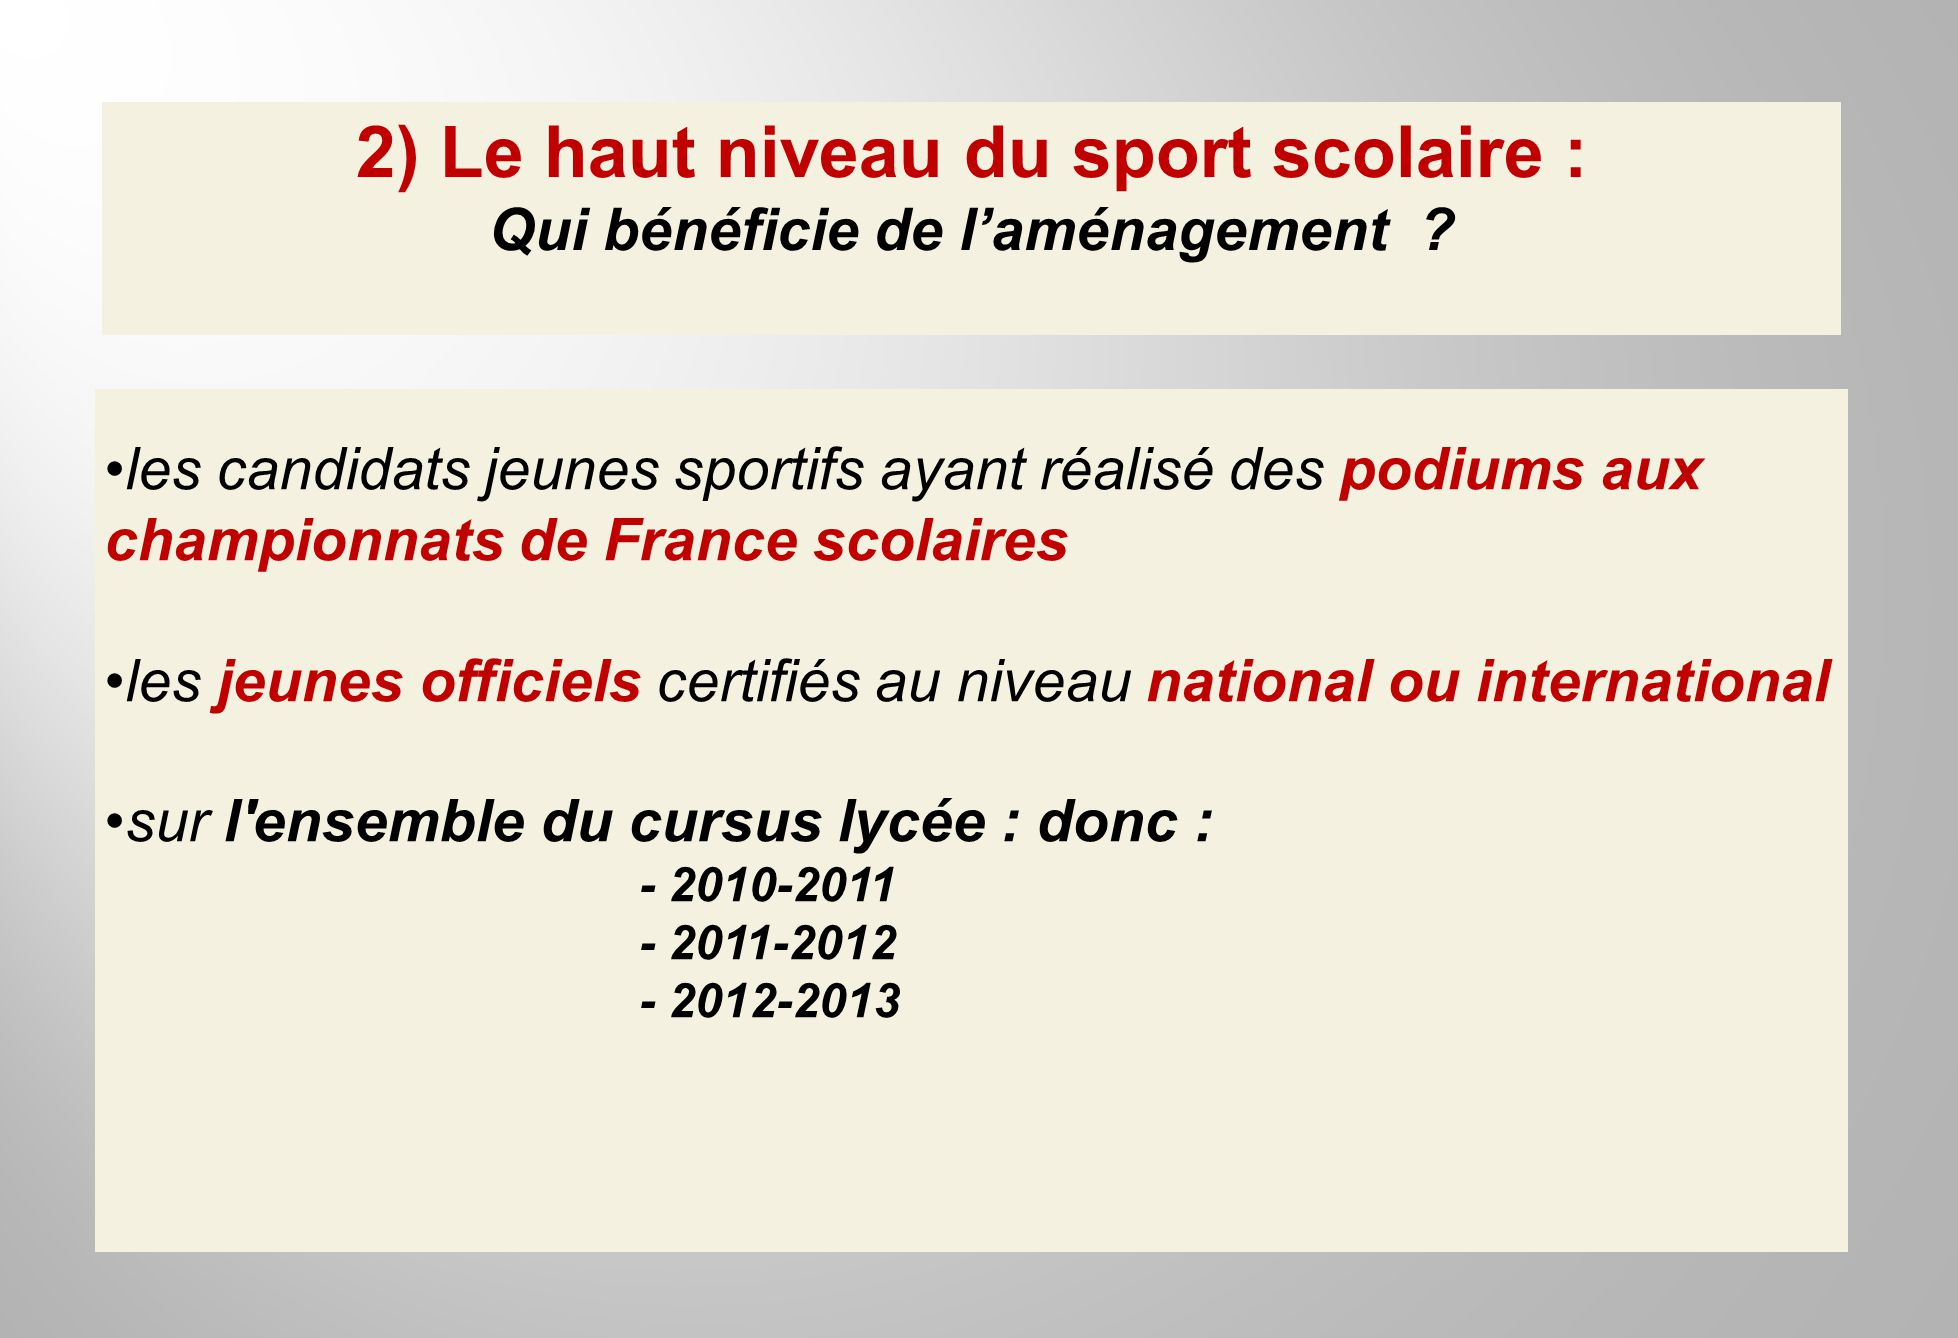 2) Le haut niveau du sport scolaire : Qui bénéficie de l'aménagement